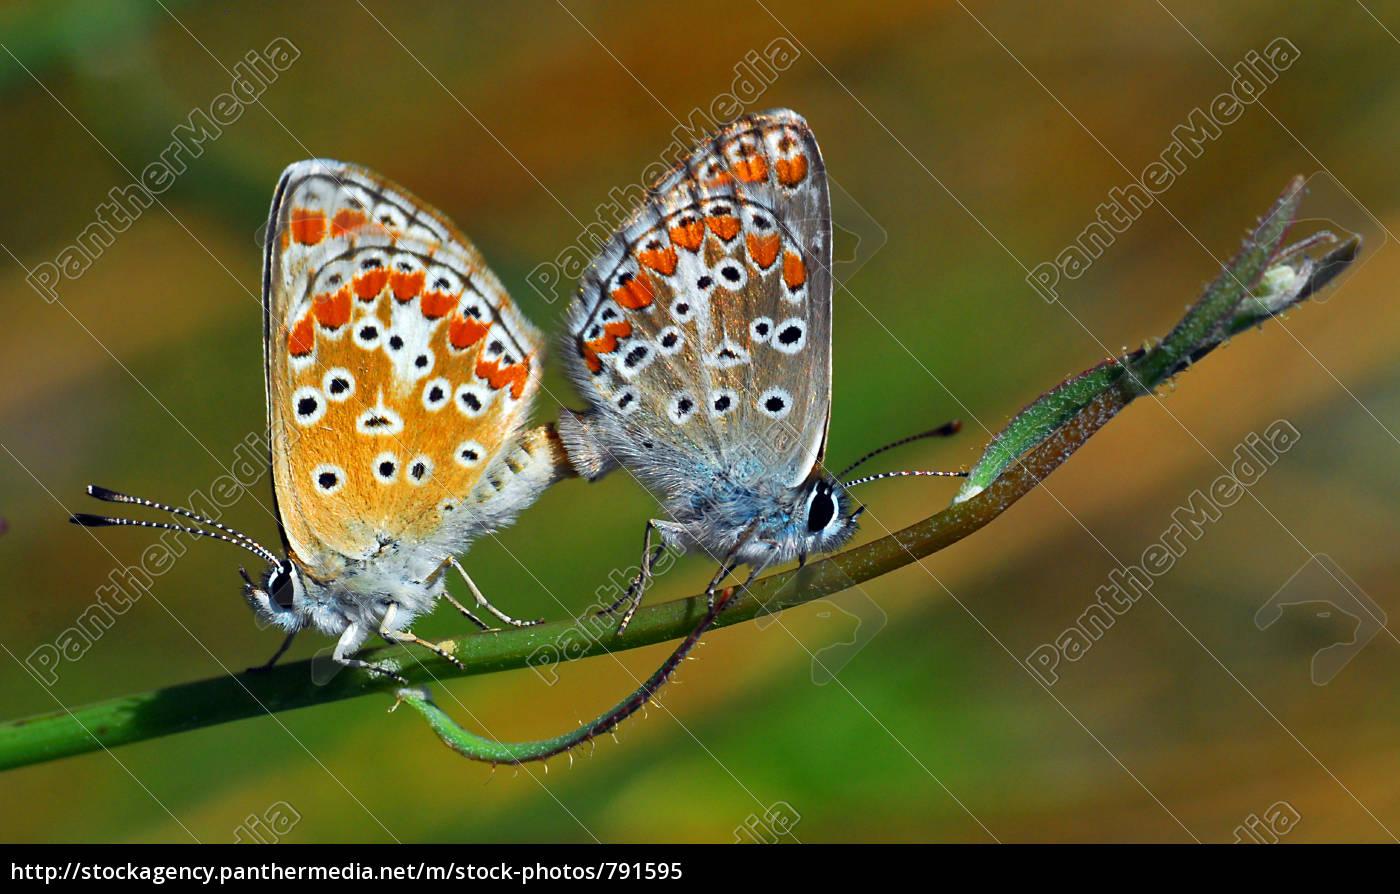 mating, of, bläulinge - 791595